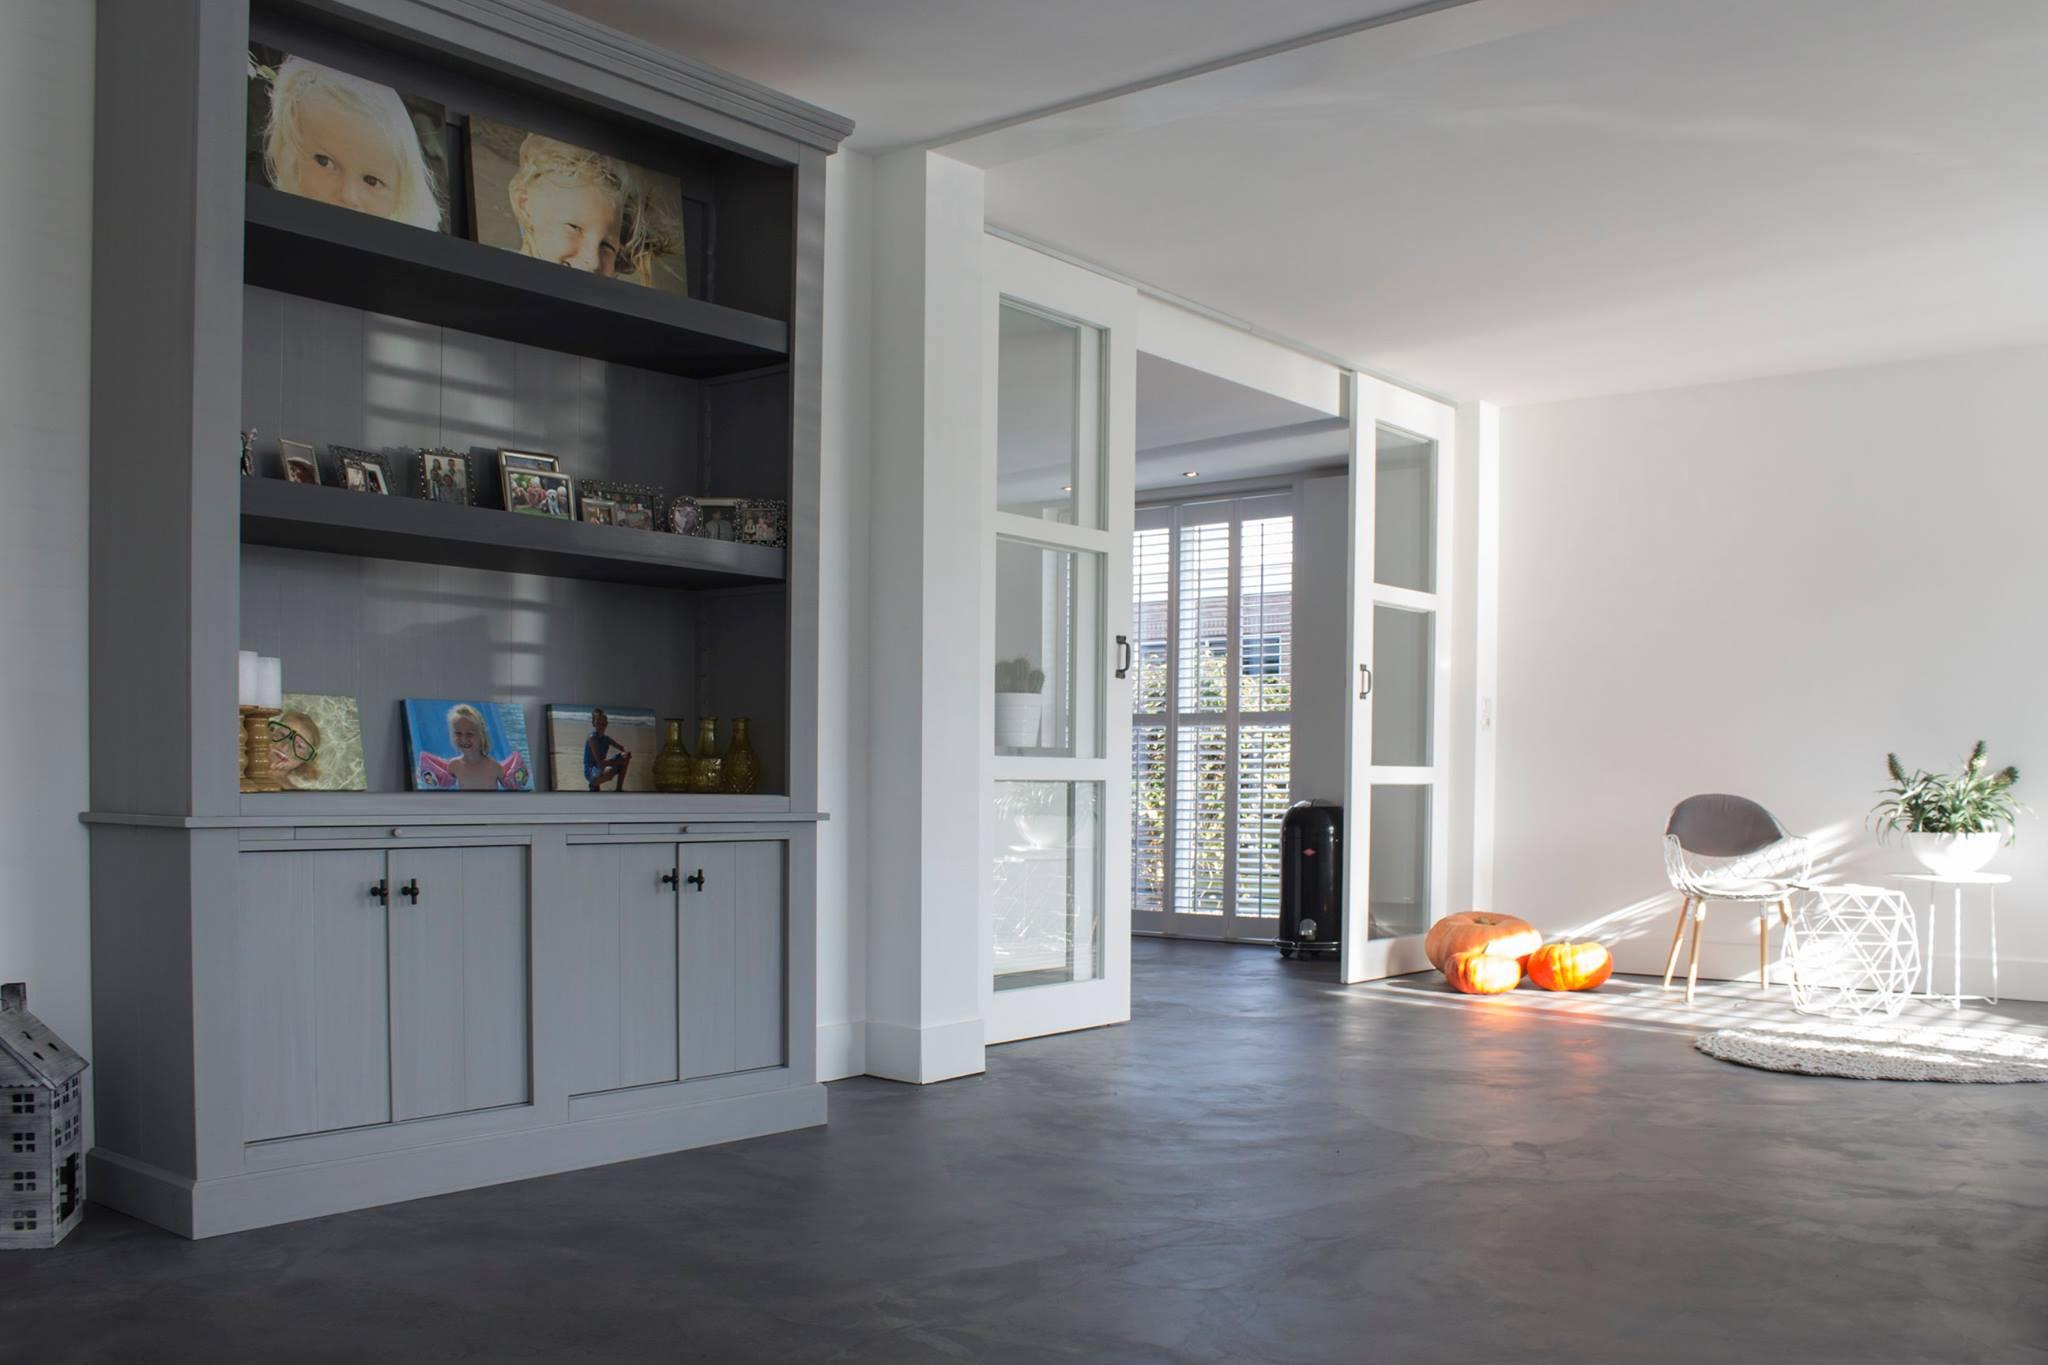 Landelijk Keuken Gietvloer : Motion nature gietvloer product in beeld vloerbedekking